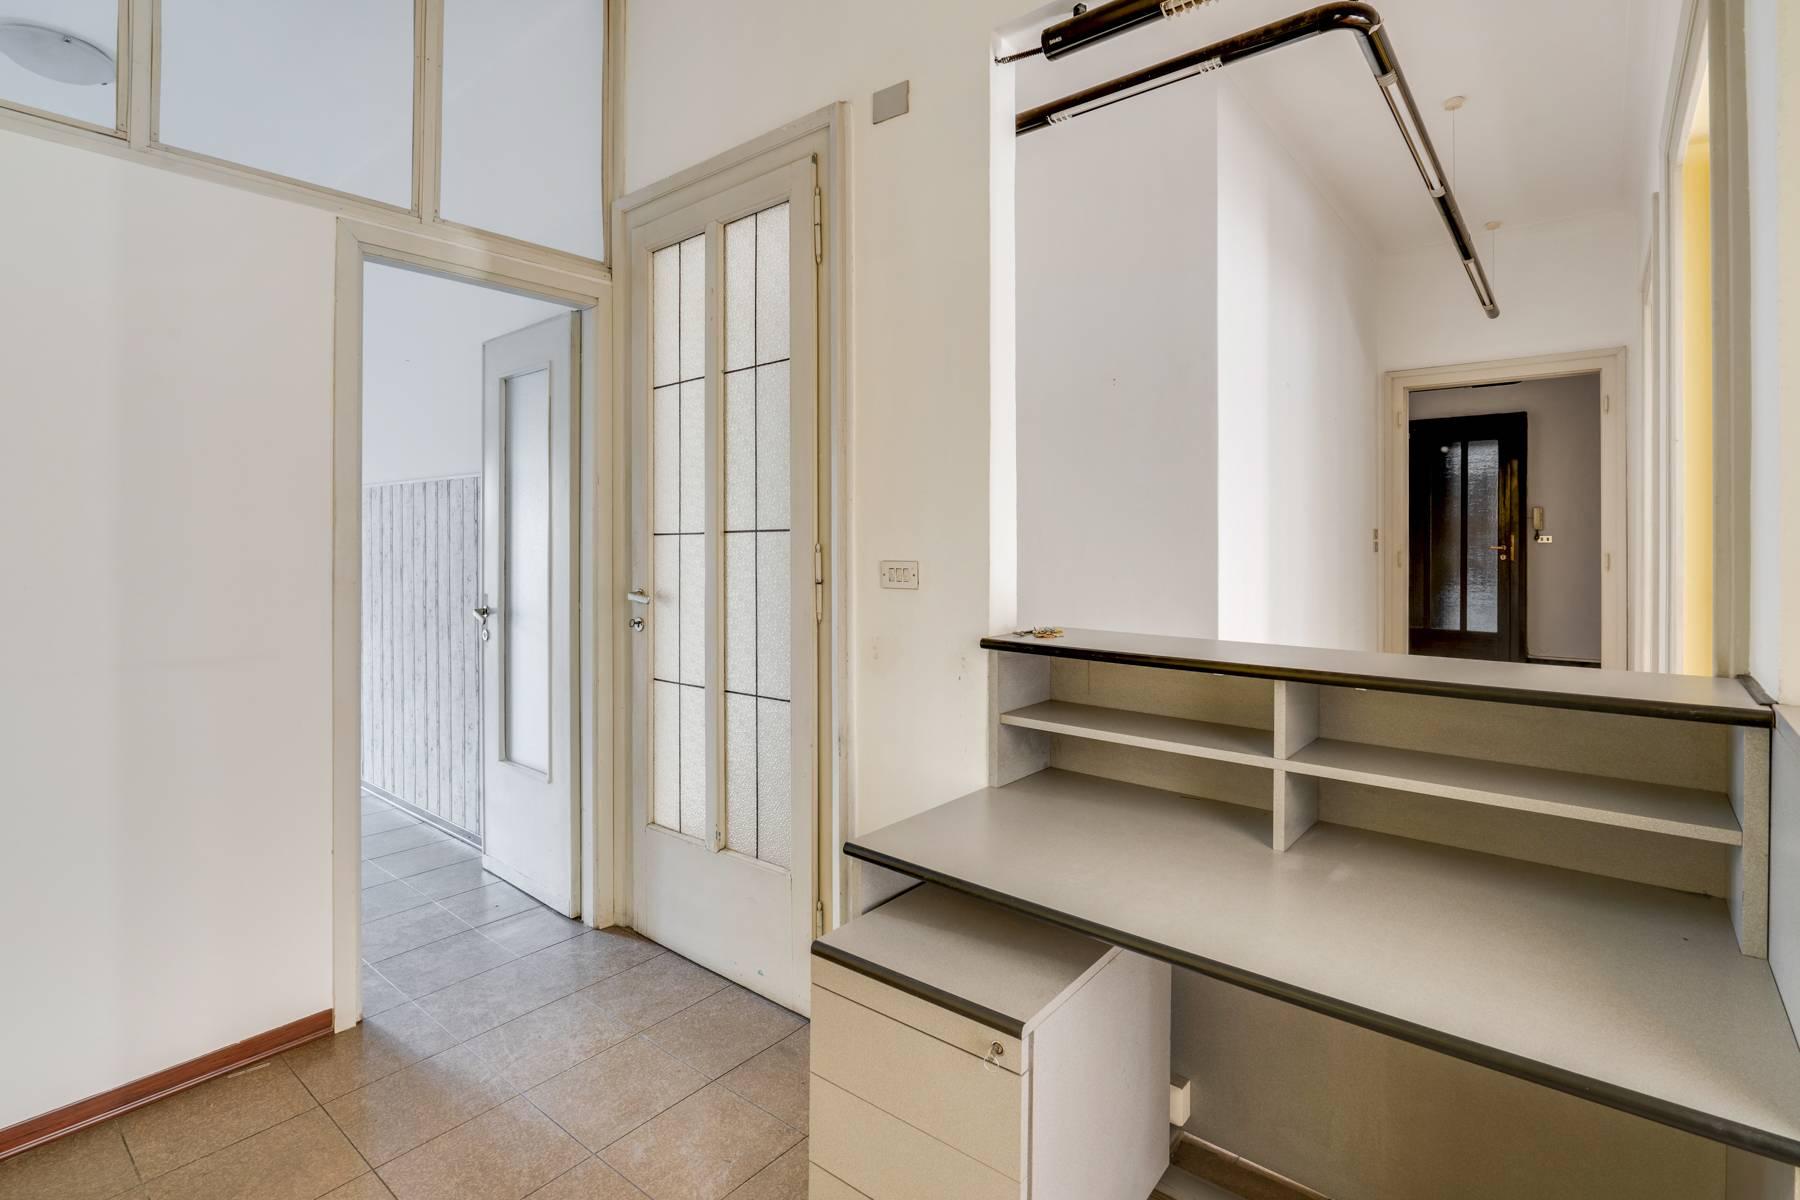 Ufficio-studio in Vendita a Torino: 3 locali, 140 mq - Foto 14